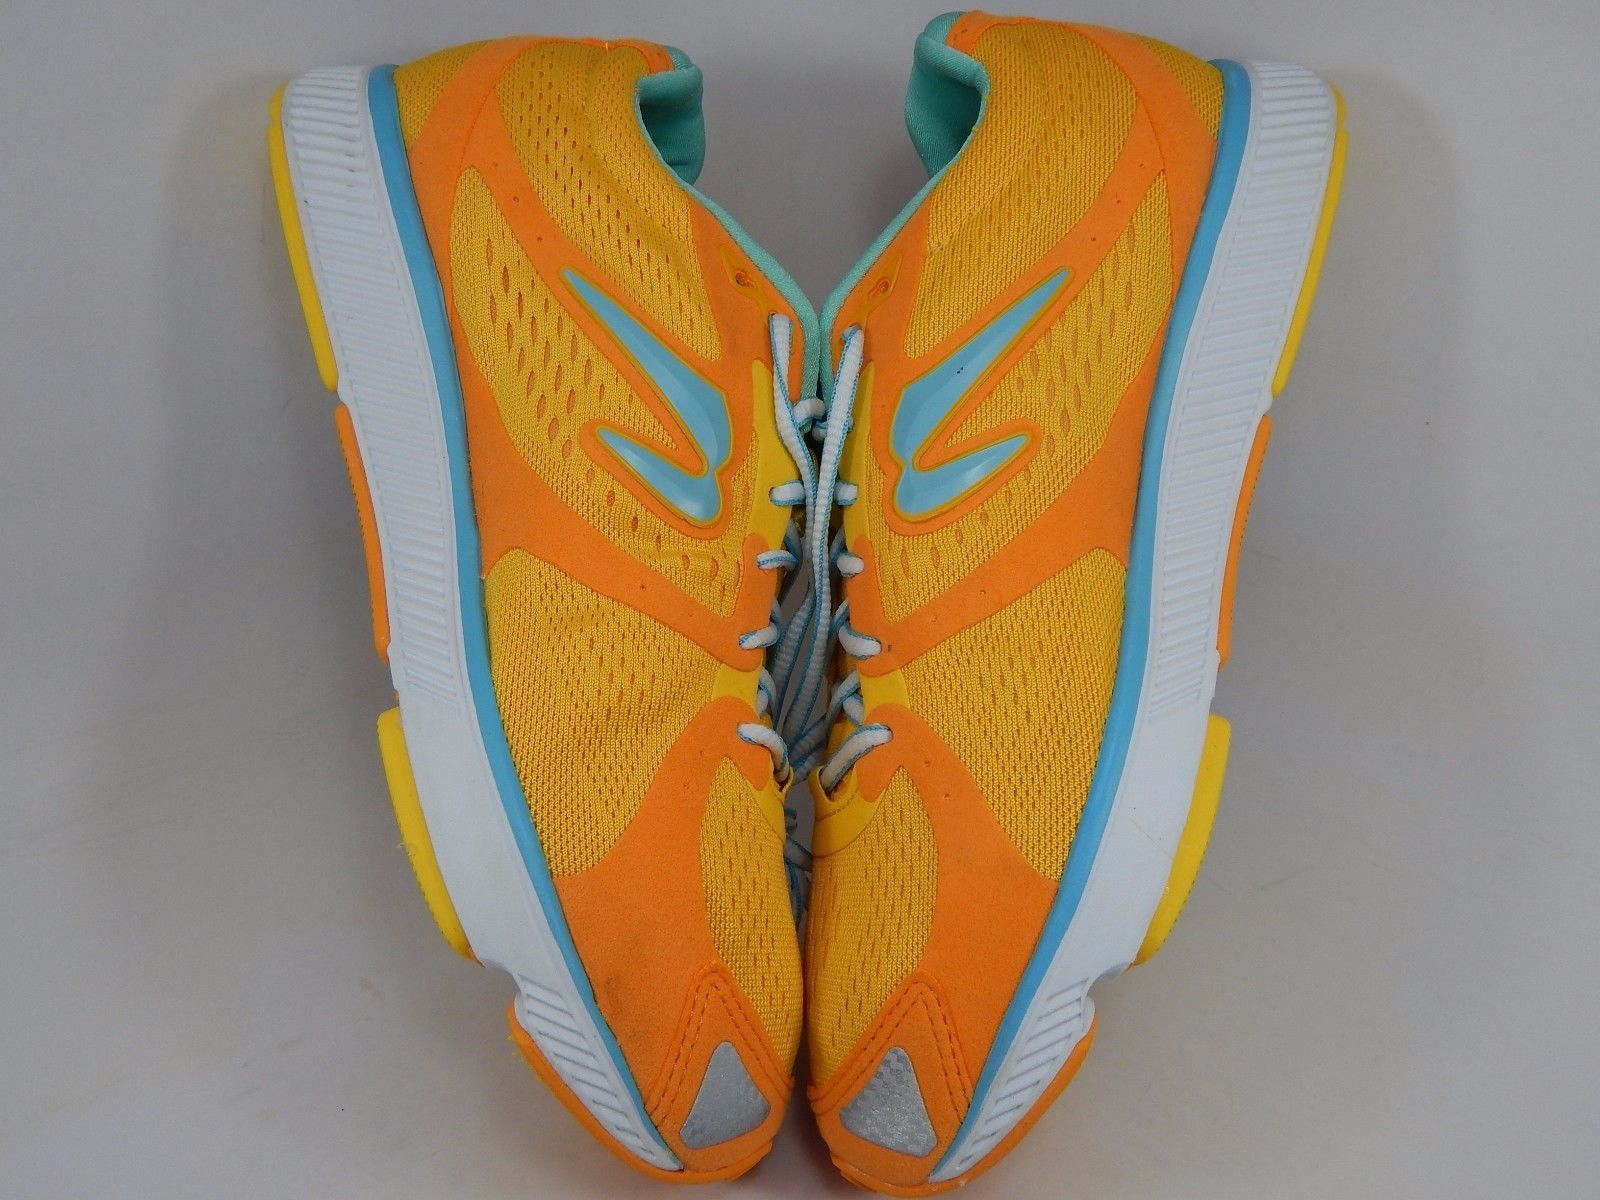 Newton Energy NR II Women's Running Shoes Size US 10.5 M (B) EU 42 Yellow